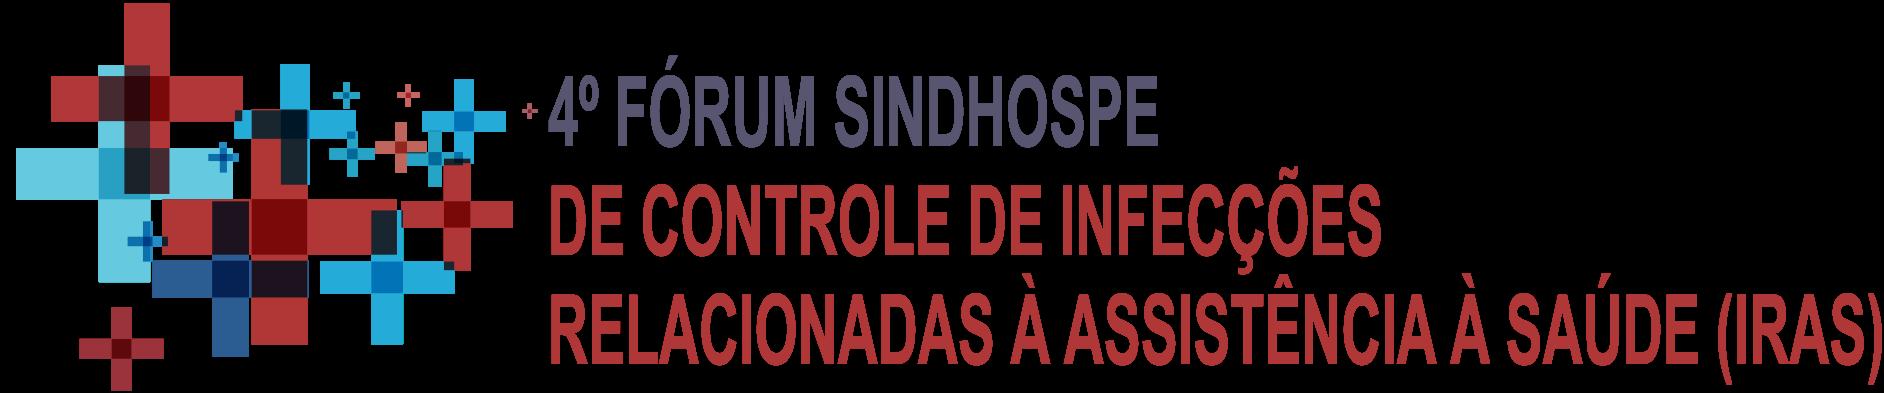 4º Fórum SINDHOSPE de Controle de Infecções Relacionadas à Assistência à Saúde